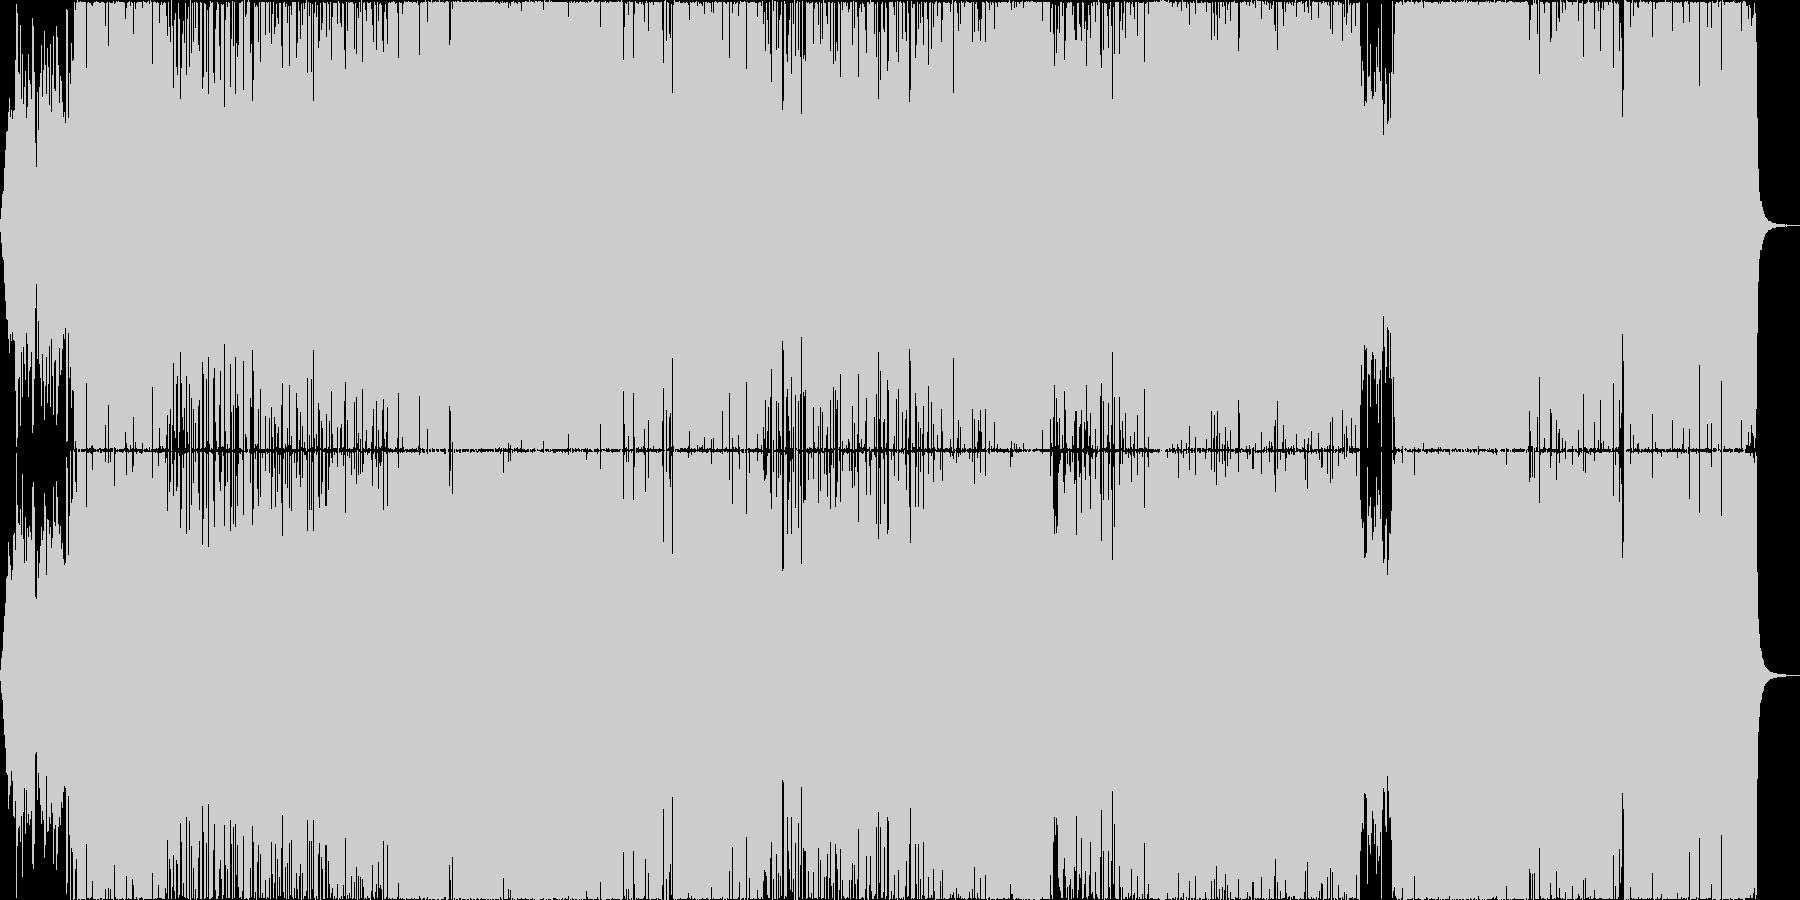 アニメ主題歌風の明るいアイドル_女性Voの未再生の波形